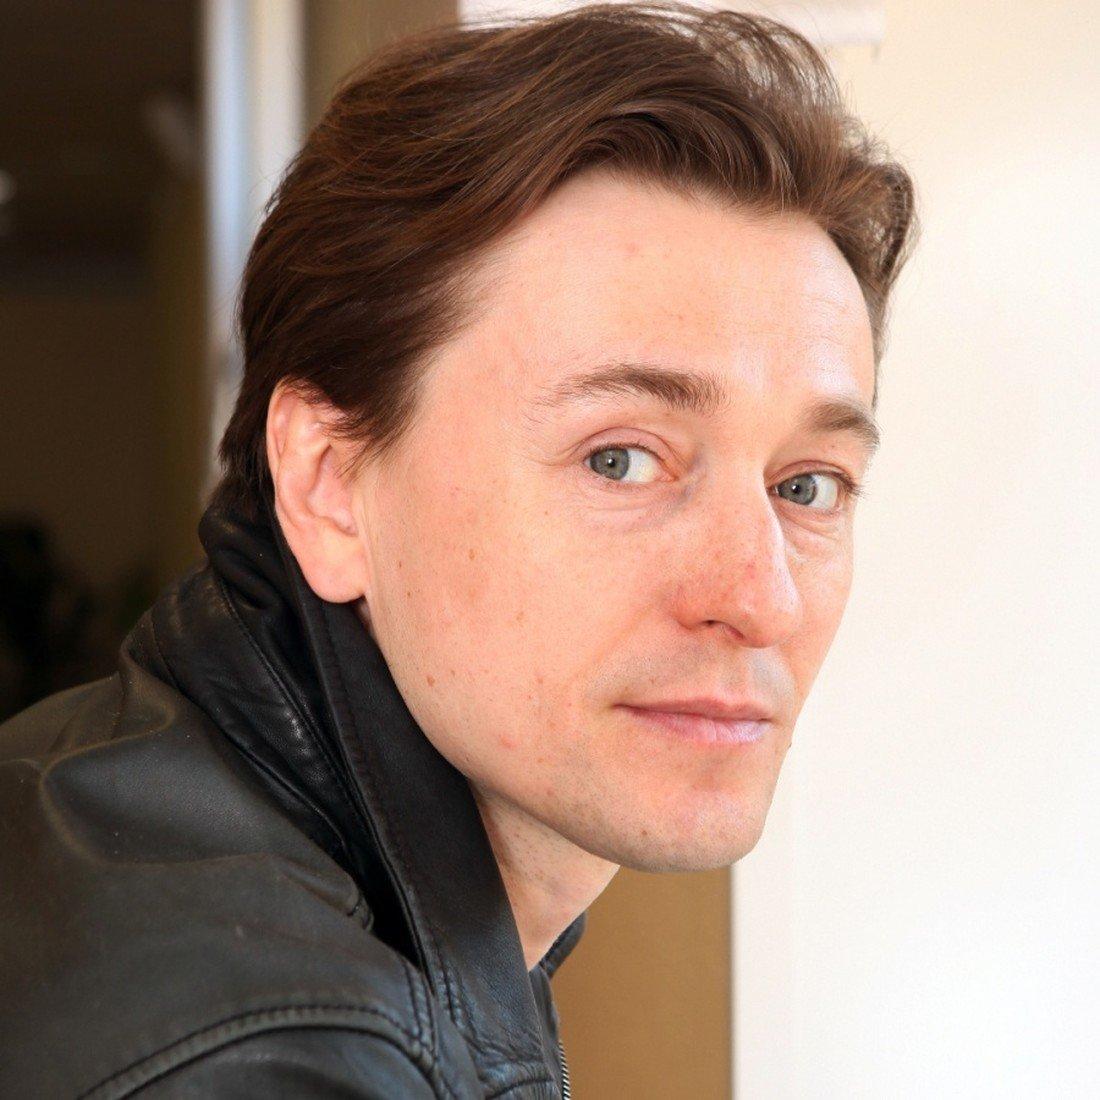 Сергей Безруков поведал Владимиру Путину опроблемах кукольного театра вЧелнах